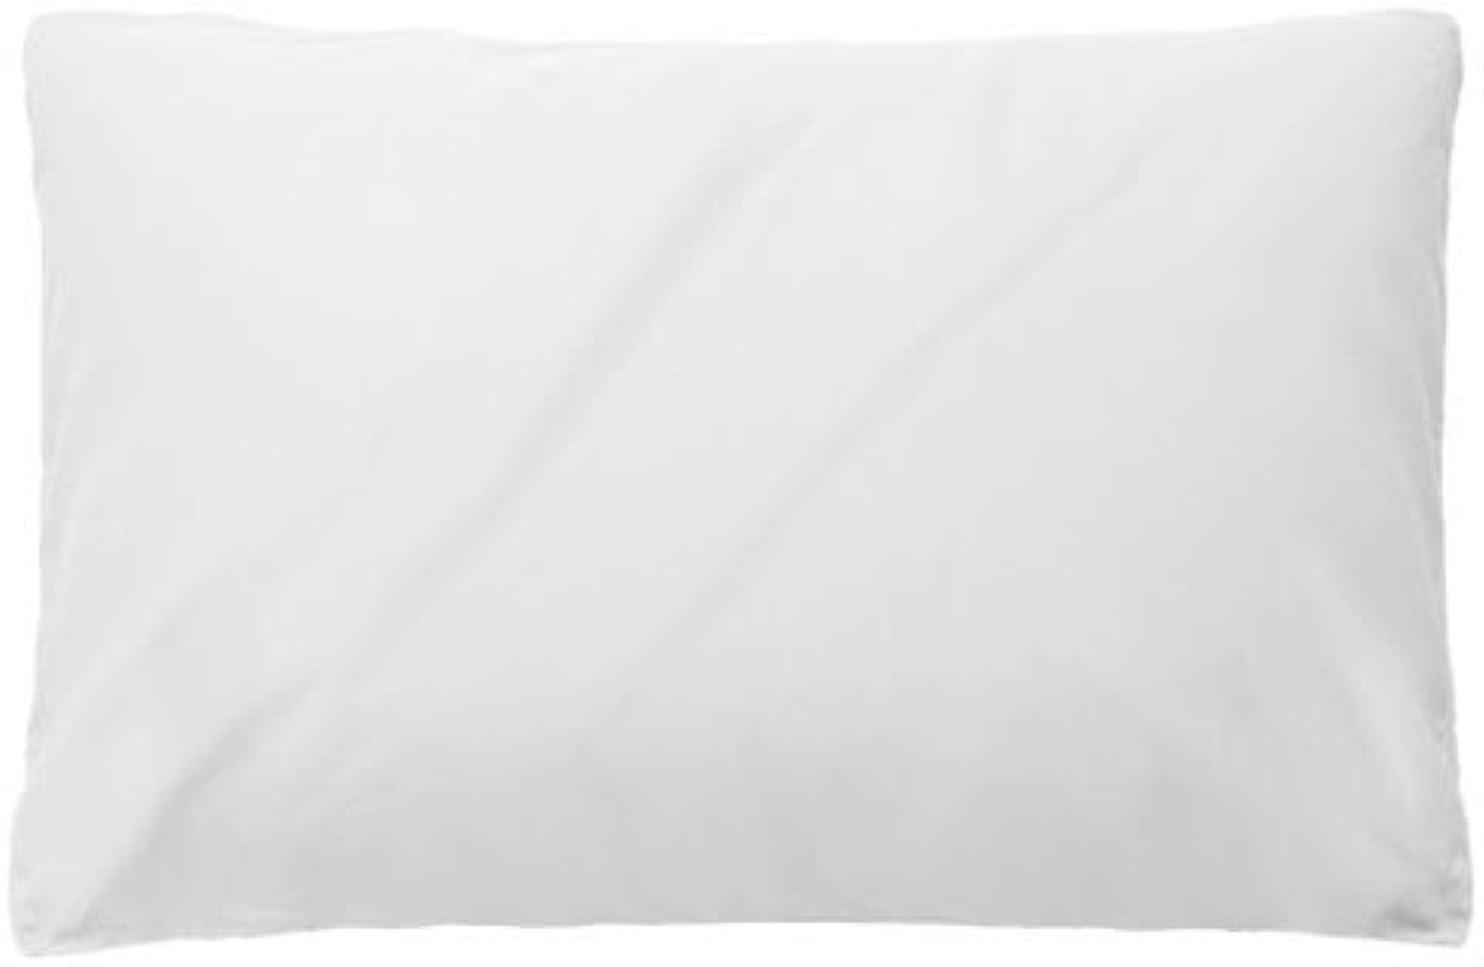 ホールド親愛なスズメバチ枕カバー ホテル品質 高級綿100% 全サイズピローケース 防ダニ 抗菌 防臭 300本高密度生地 8色選べる(ホワイト、50x70cm)